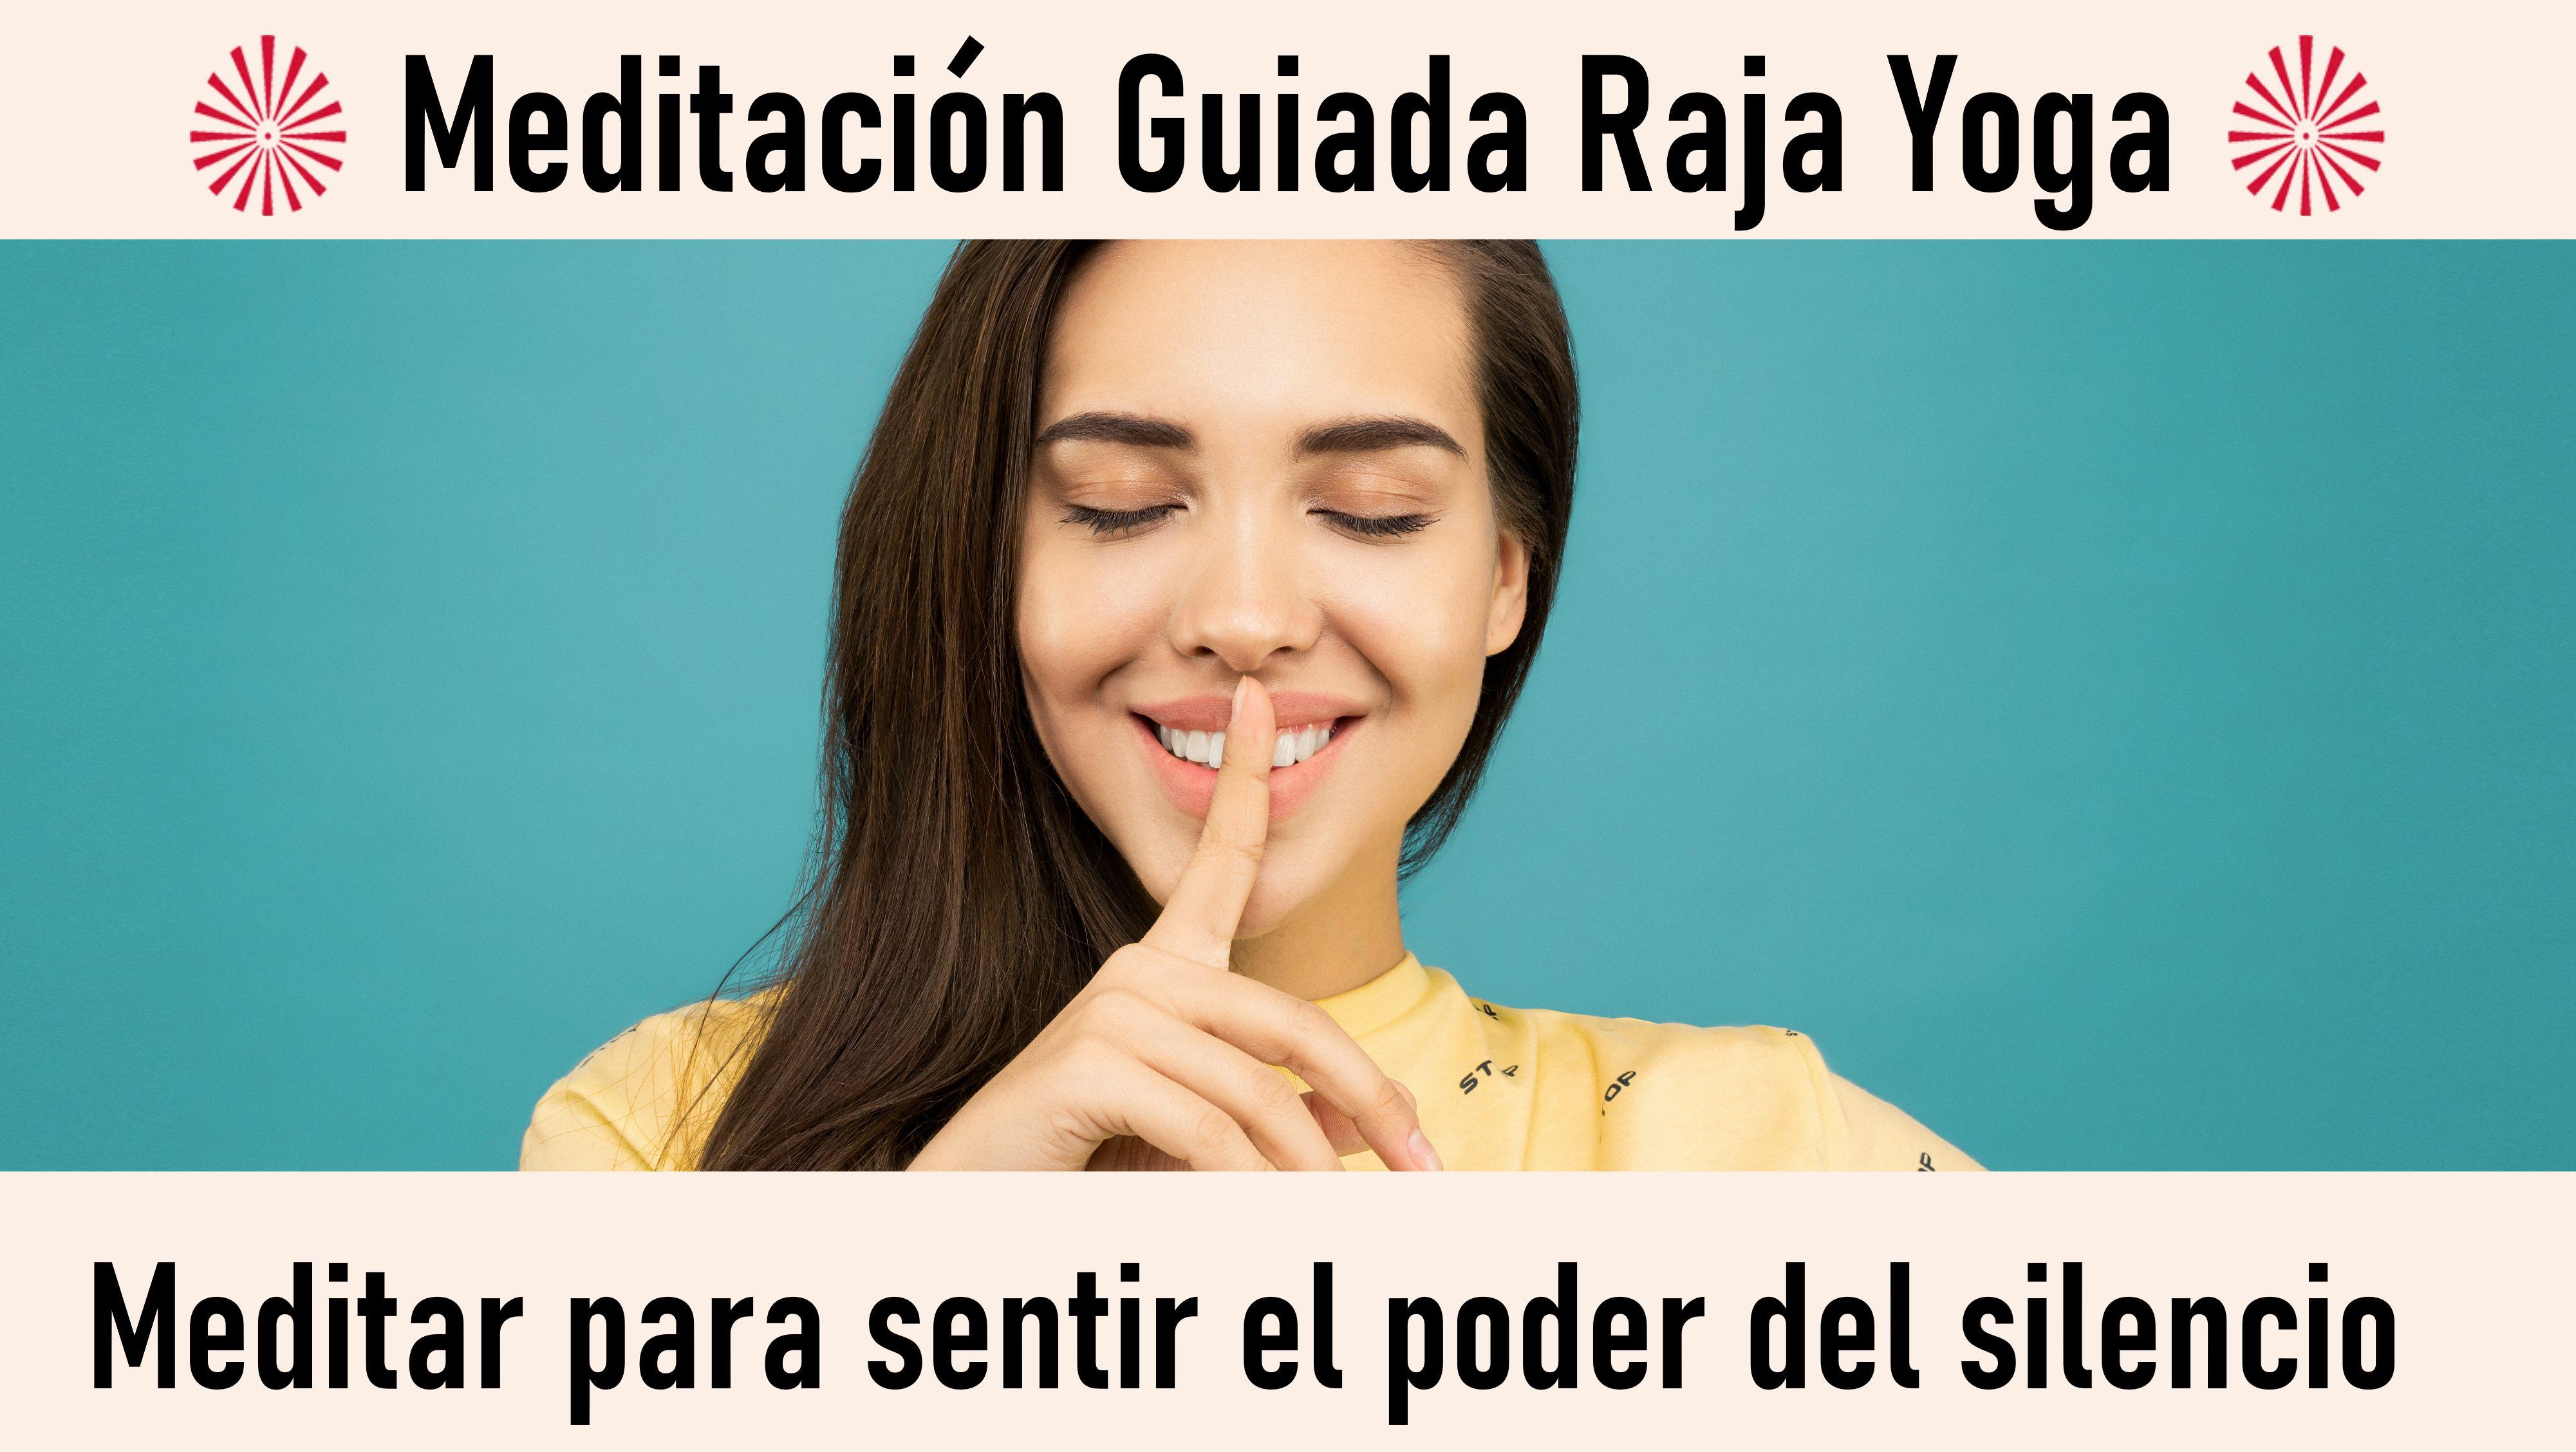 7 Octubre 2020  Meditación guiada: Meditar para sentir el poder del silencio